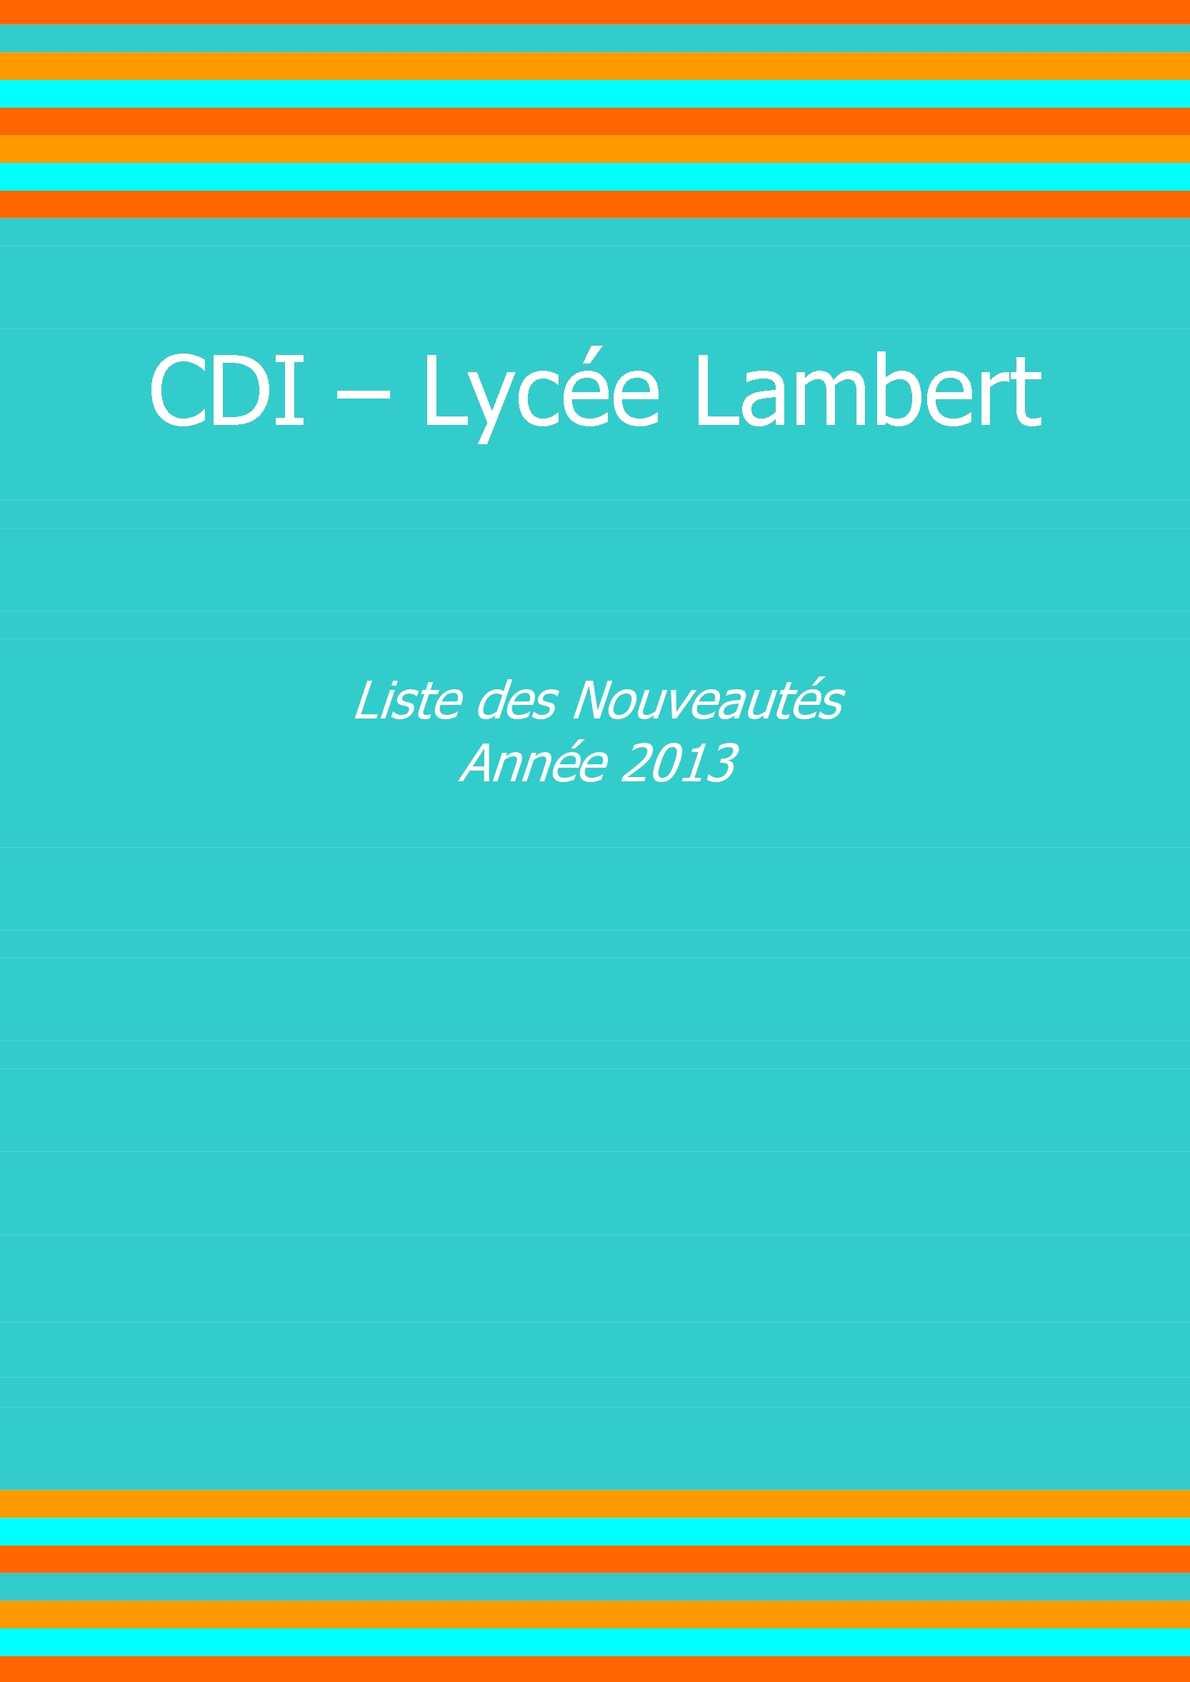 Cdi Nouveautés Calaméo Du Lycée 2013 Lambert xSxwnrZq